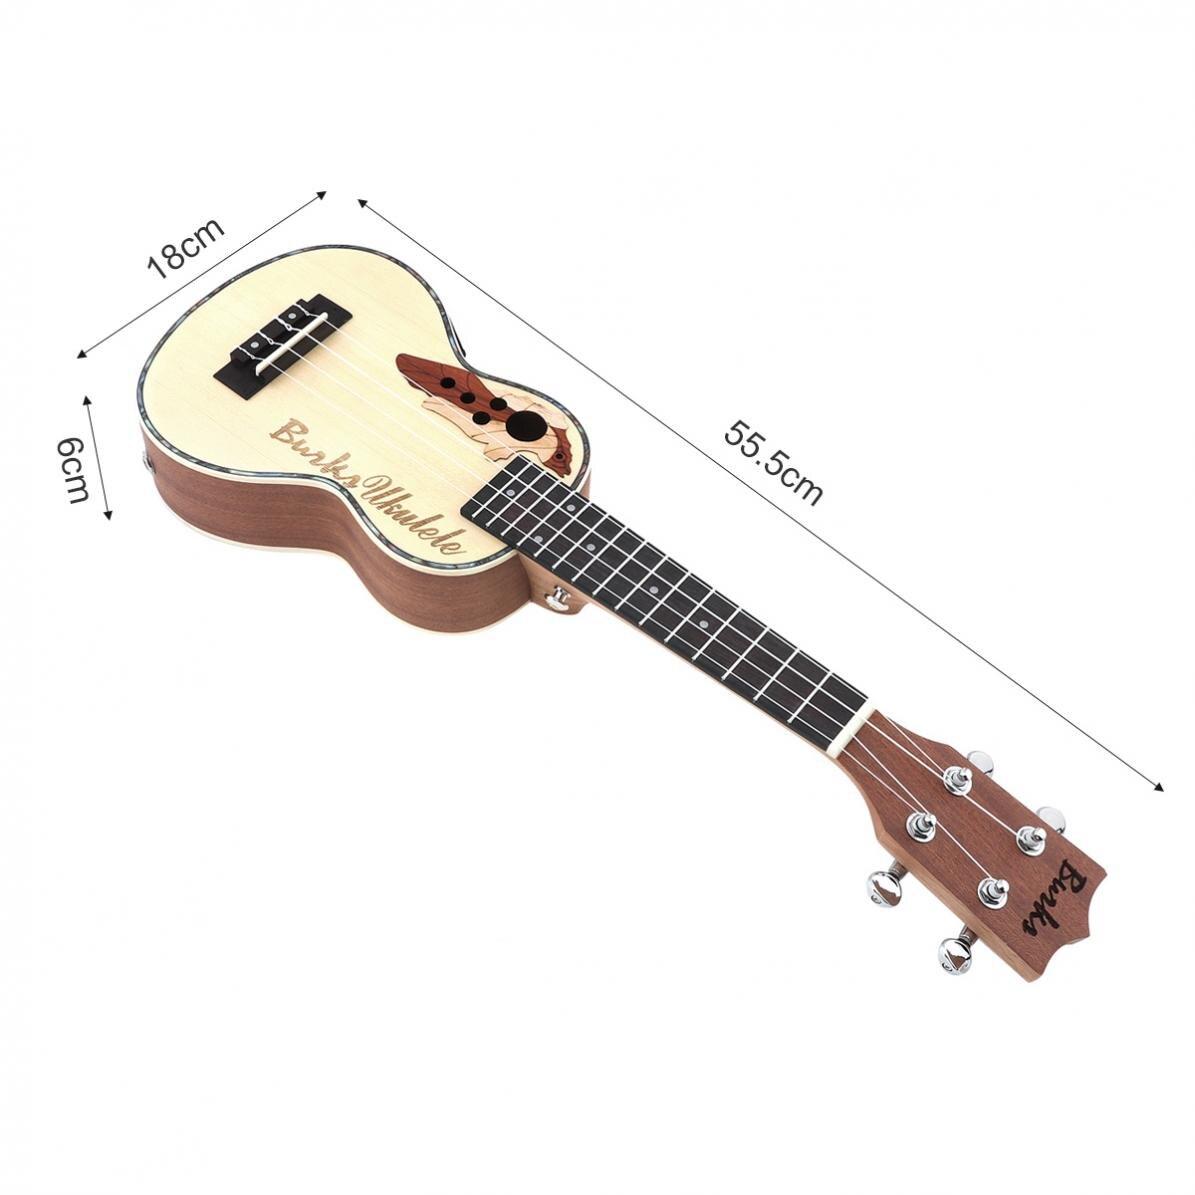 Guitare électroacoustique à 4 cordes de 21 pouces en épicéa EQ Soprano Ukelele 15 frette avec ramassage EQ intégré